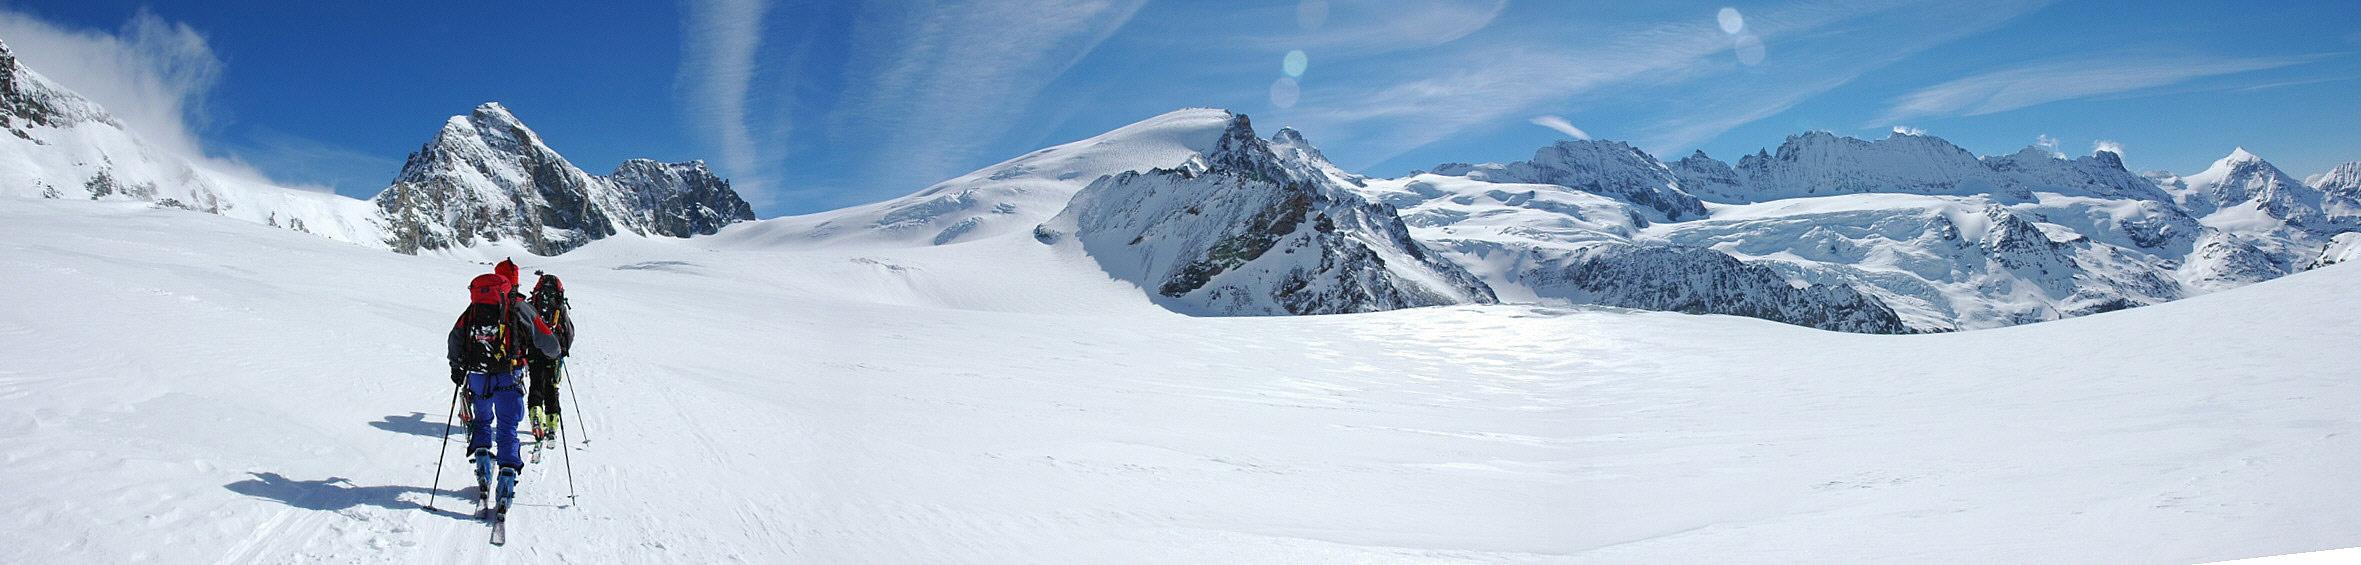 Col Valpelline, Day 6 H.R. Chamonix-Zermatt Walliser Alpen / Alpes valaisannes Schweiz panorama 24